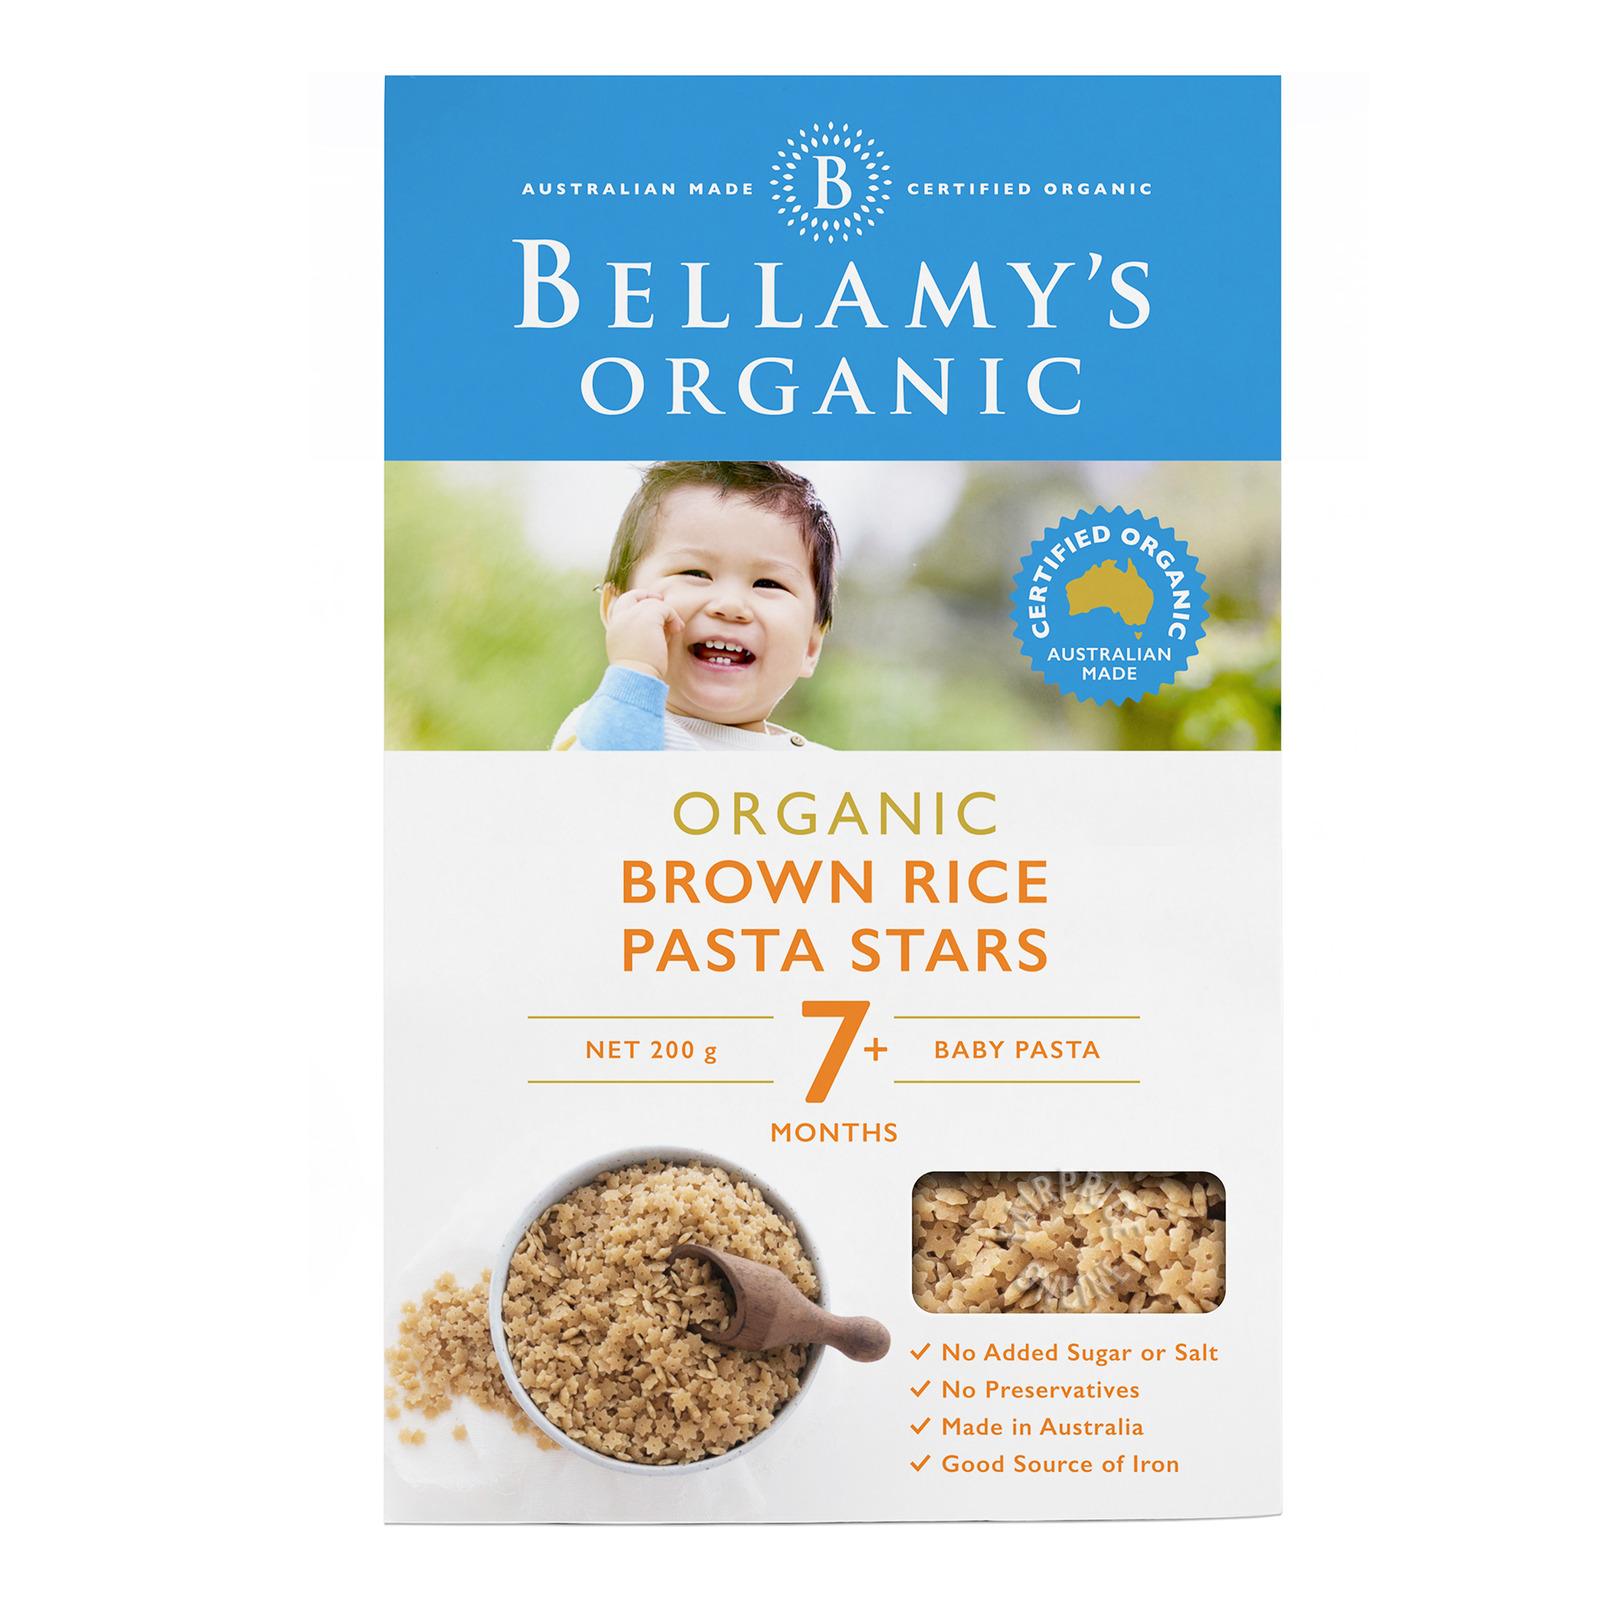 Bellamy's Organic Baby Pasta - Brown Rice Stars